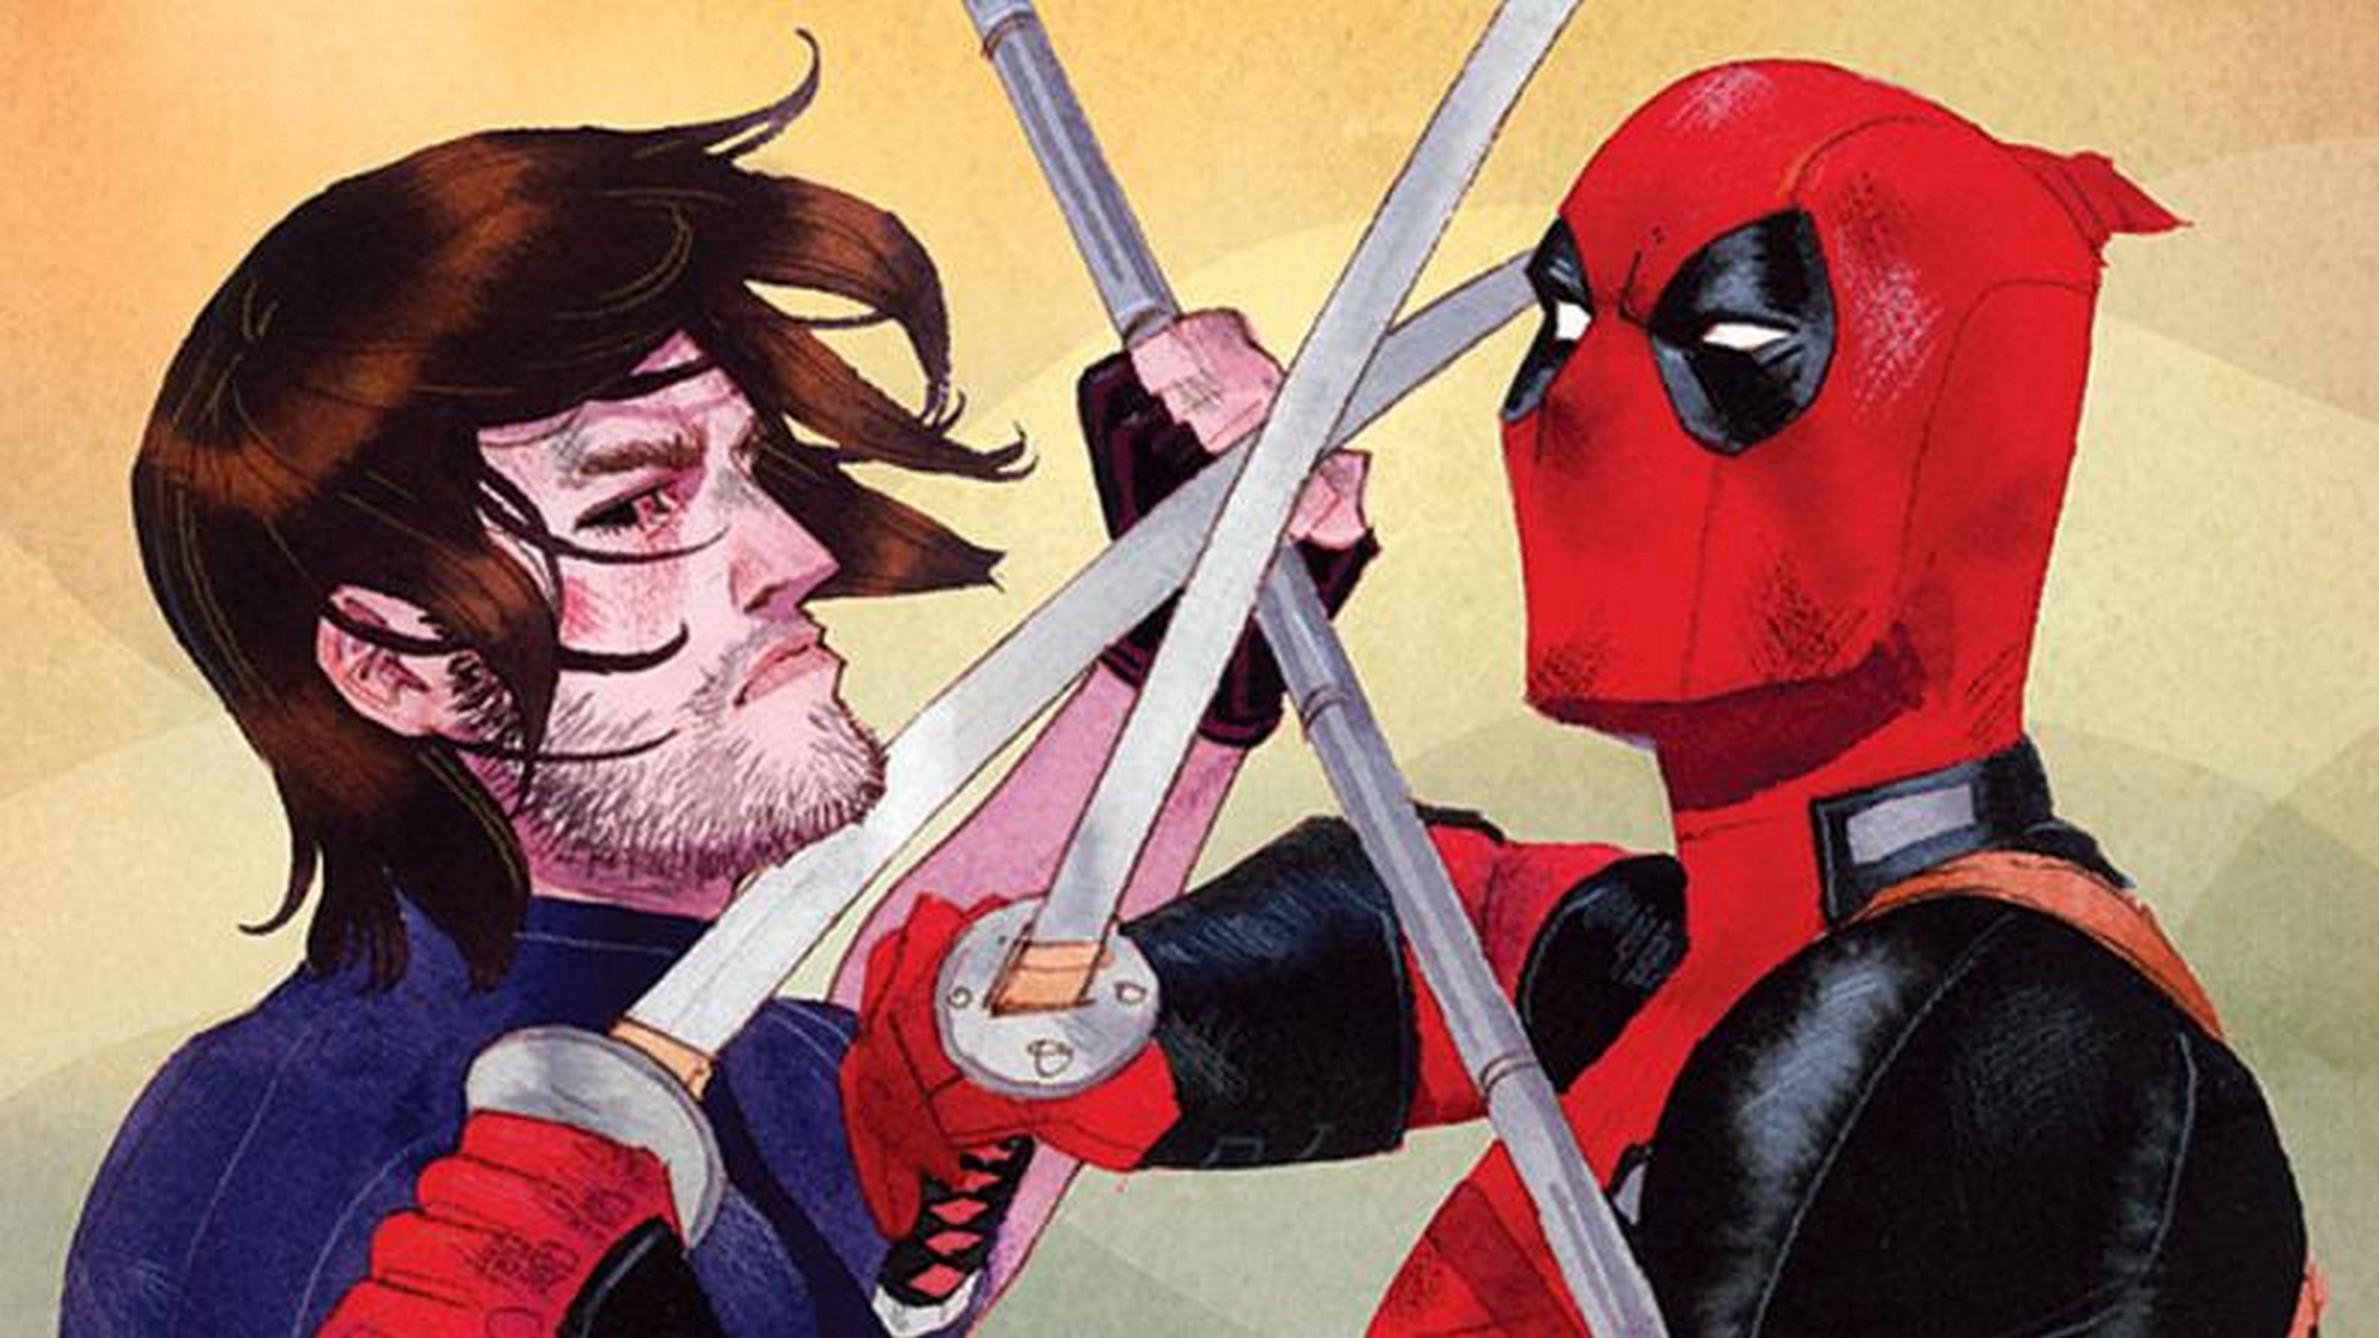 La Historia de Deadpool